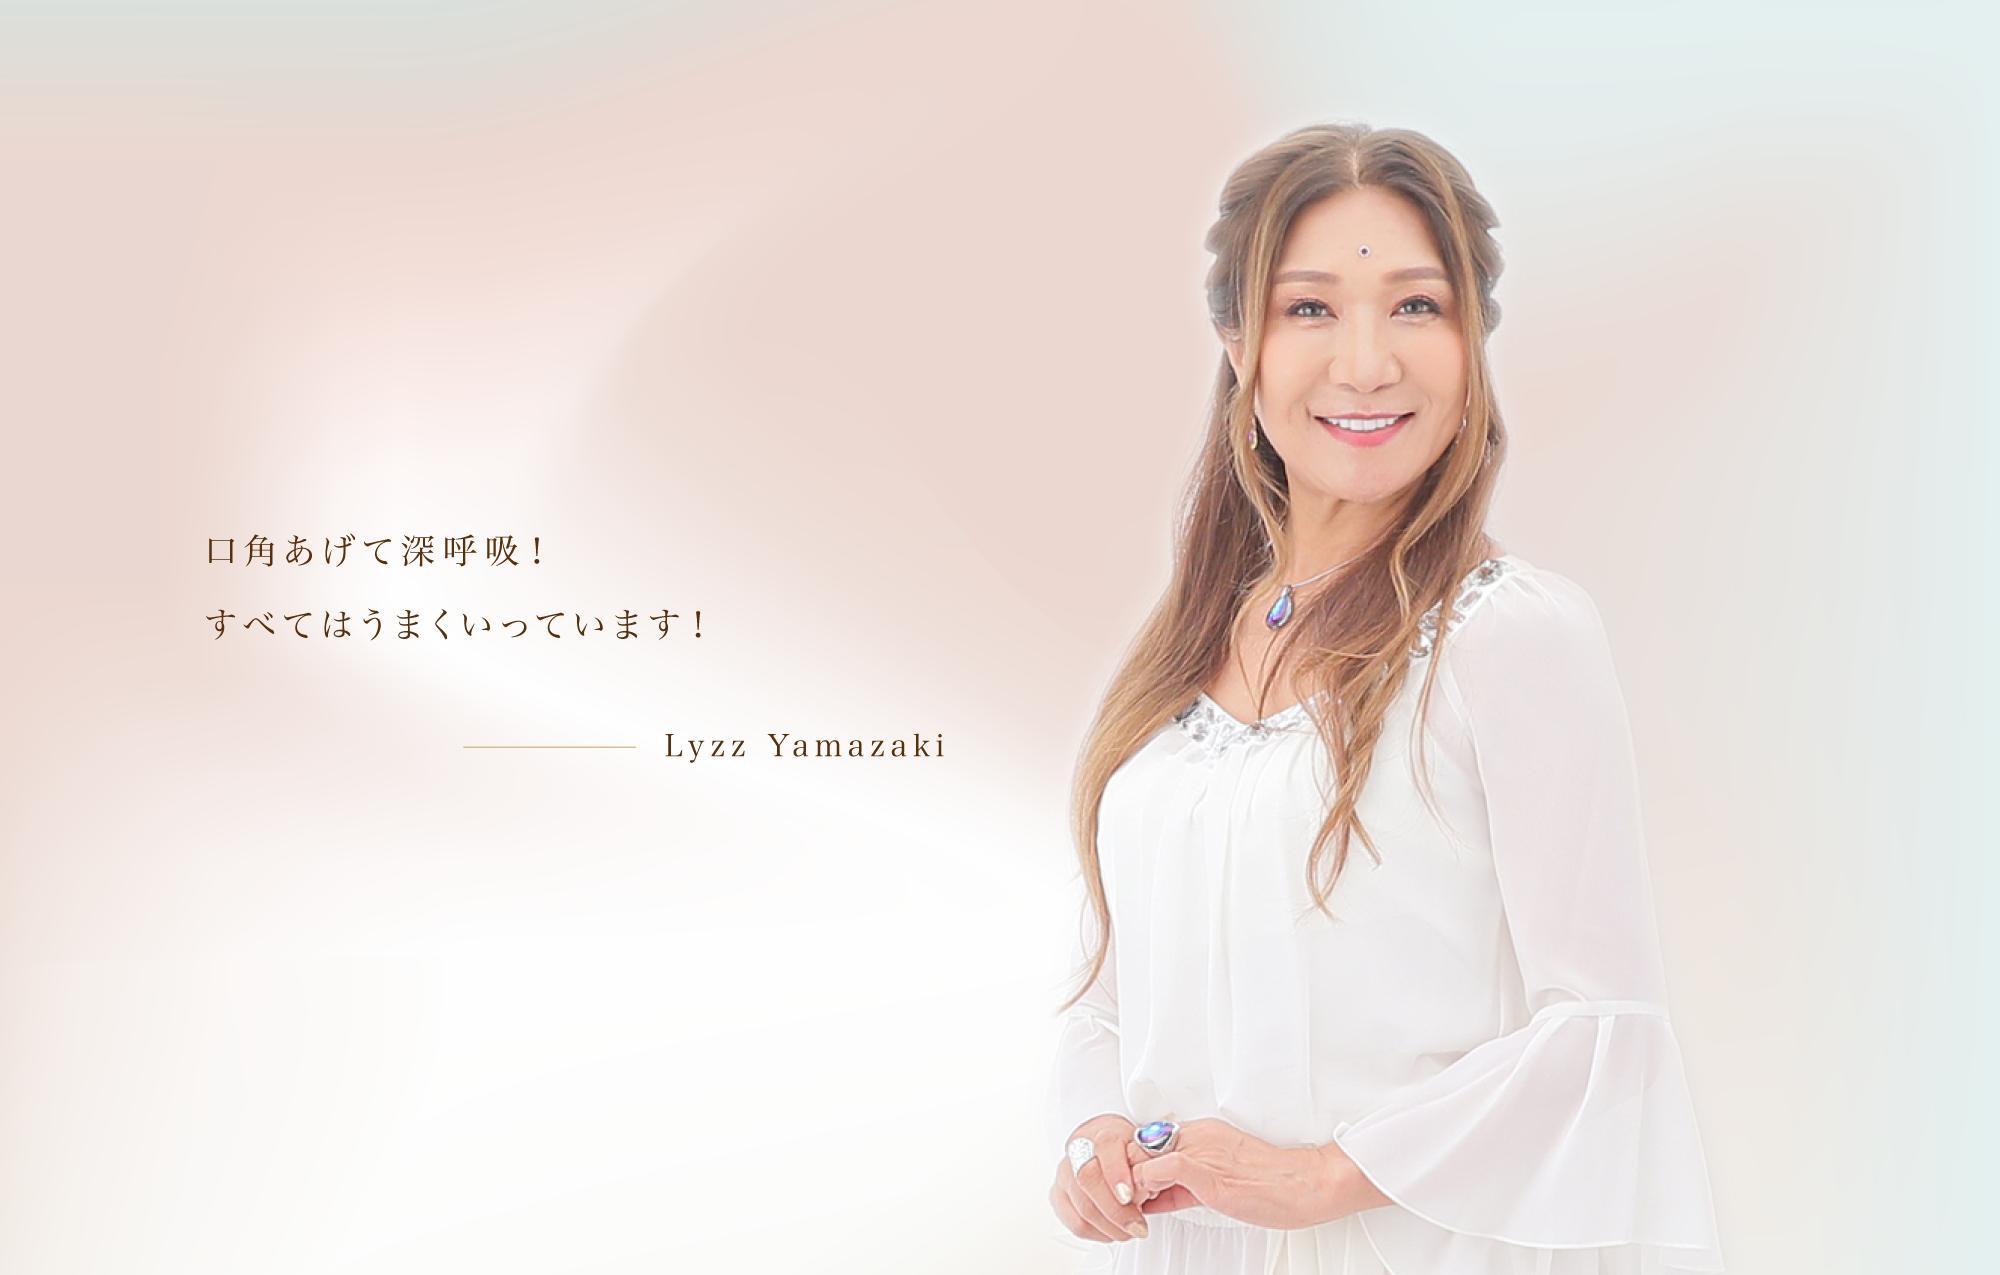 Lyzz Yamazaki